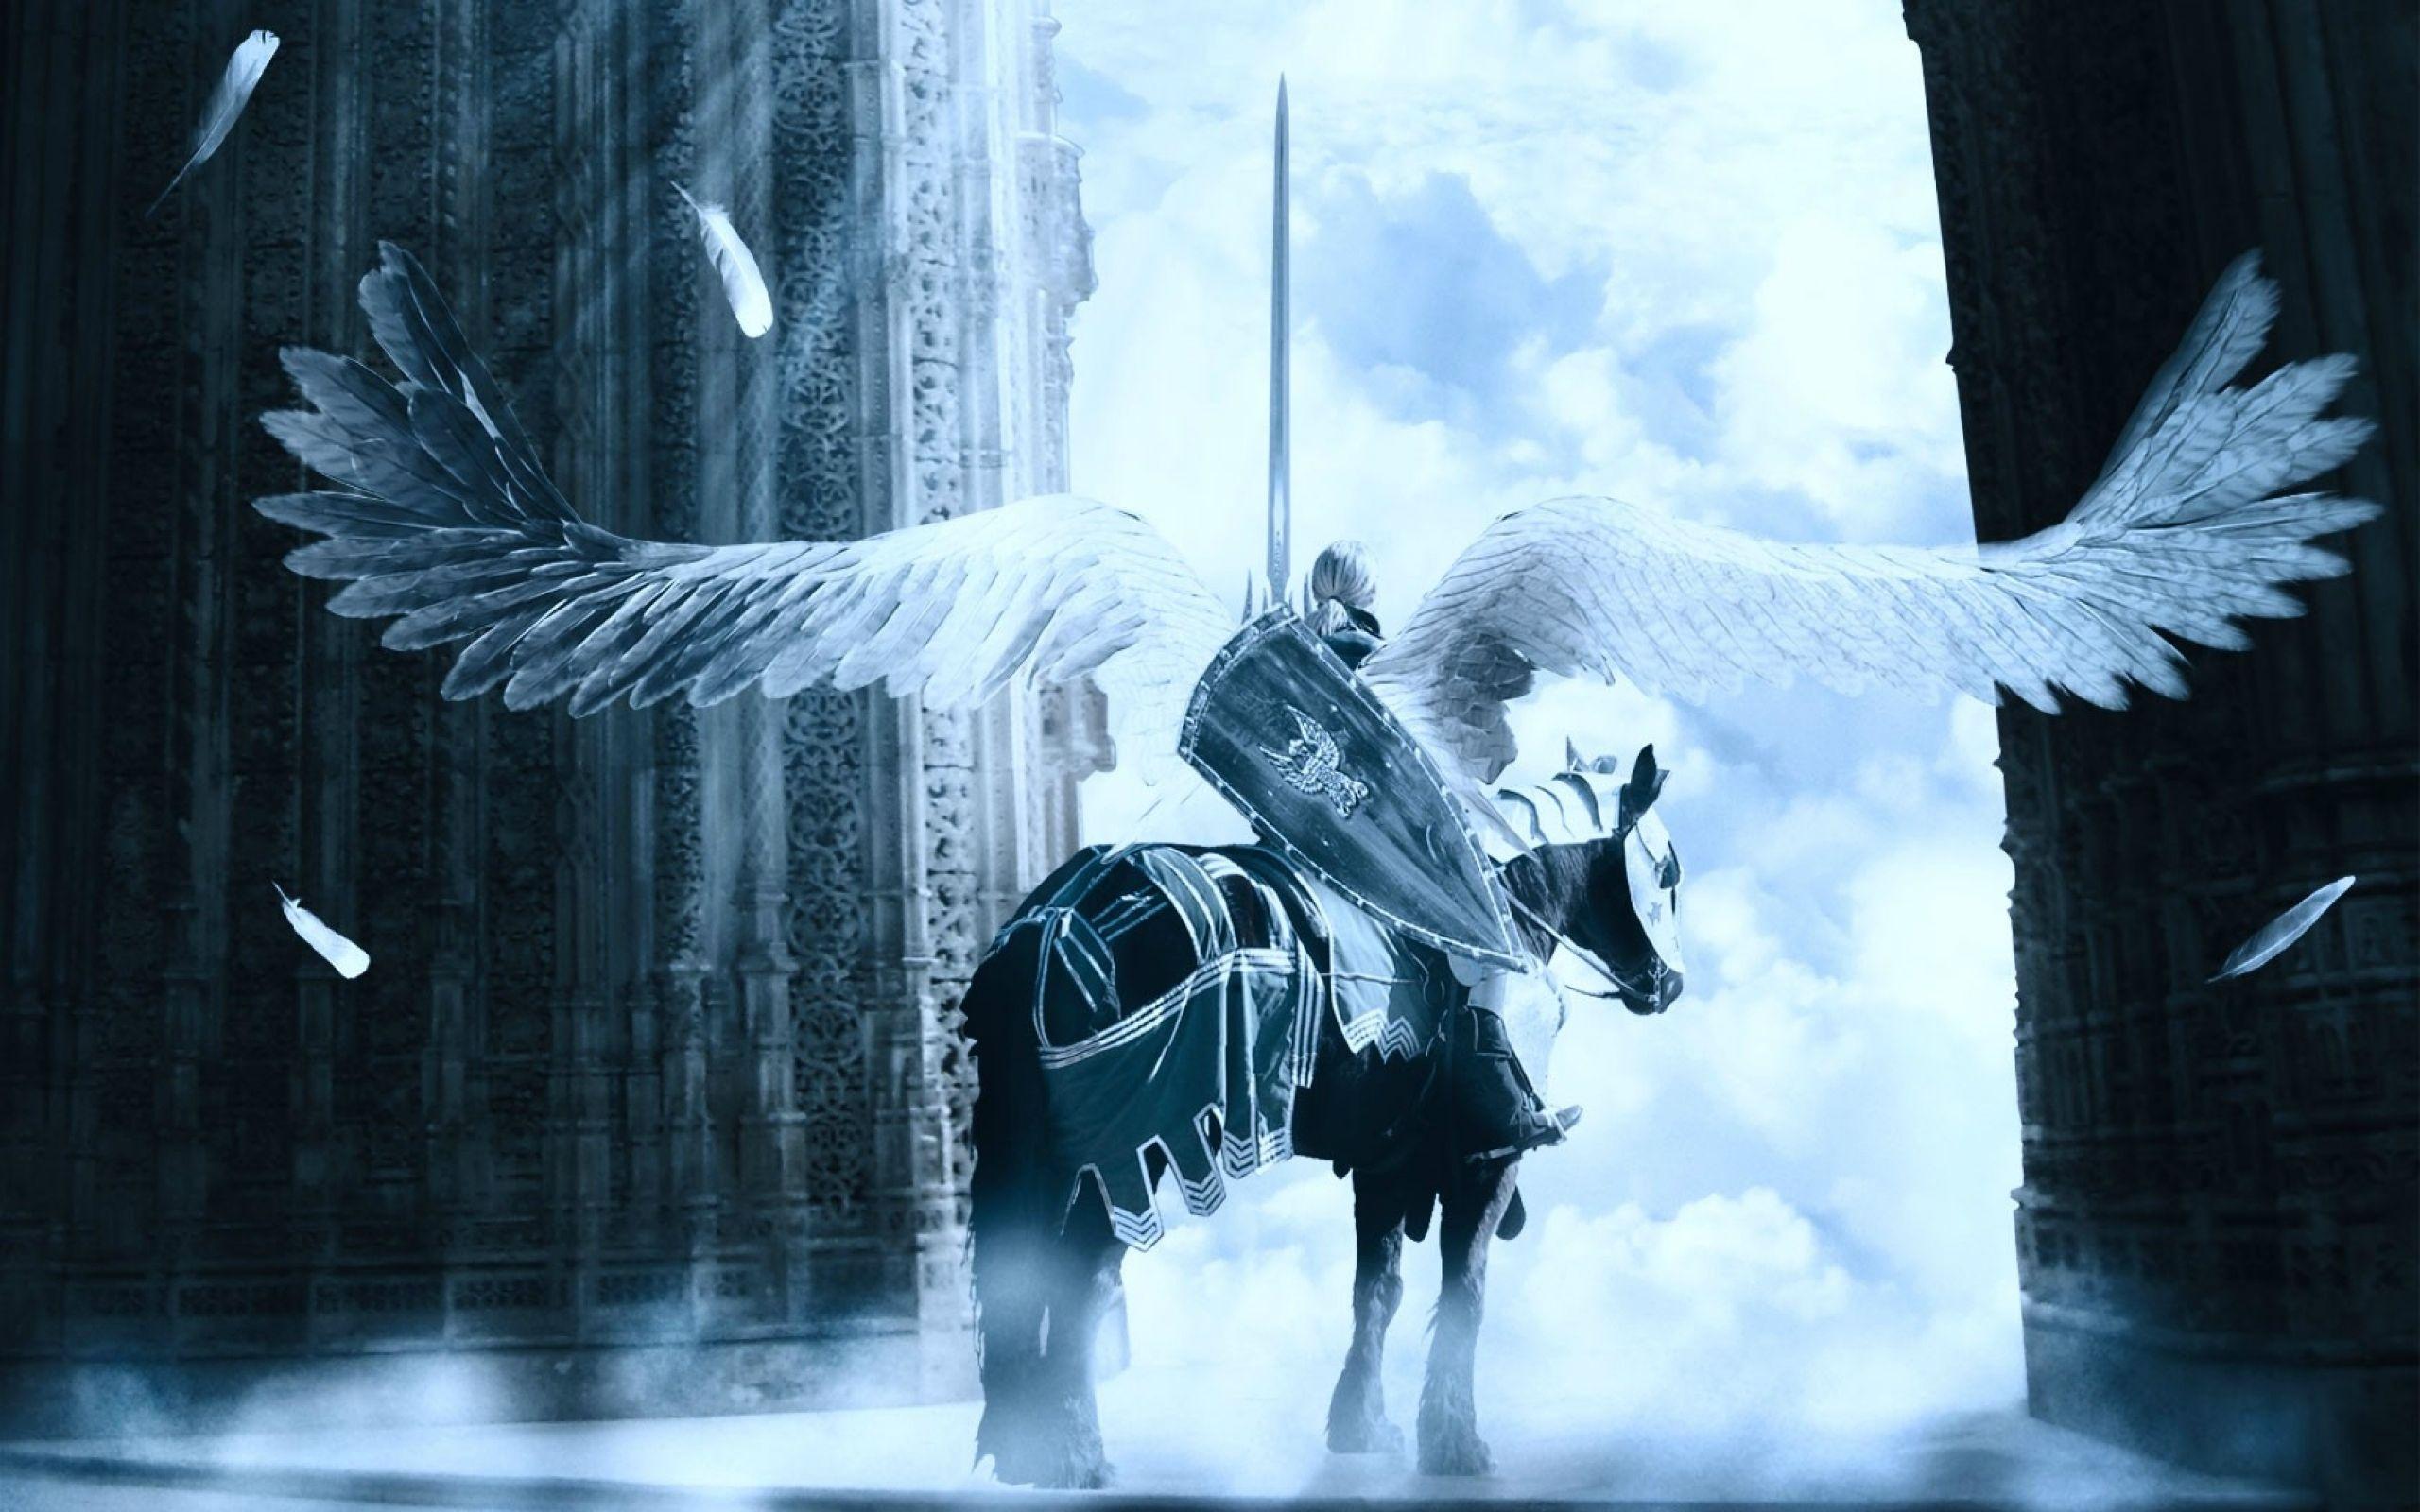 Download Wallpaper Horse Angel - 637dd4f4d1cf5798e91f58e324f5c177  Picture_93628.jpg